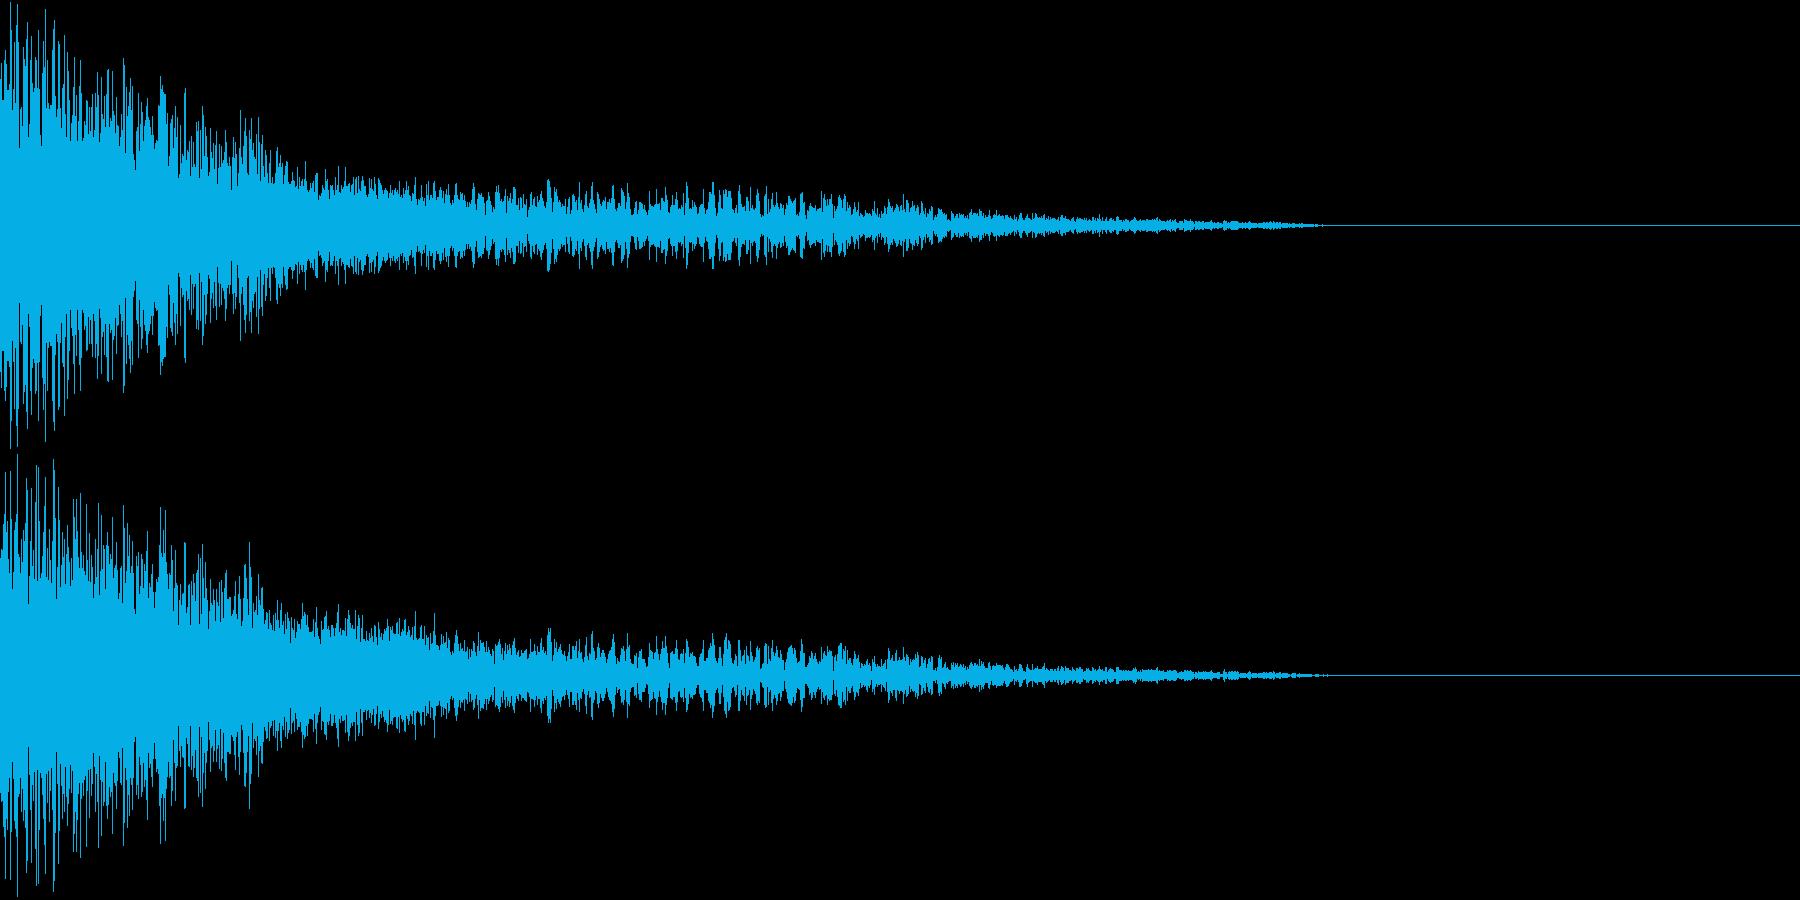 衝撃 金属音 恐怖 震撼 ホラー 29の再生済みの波形